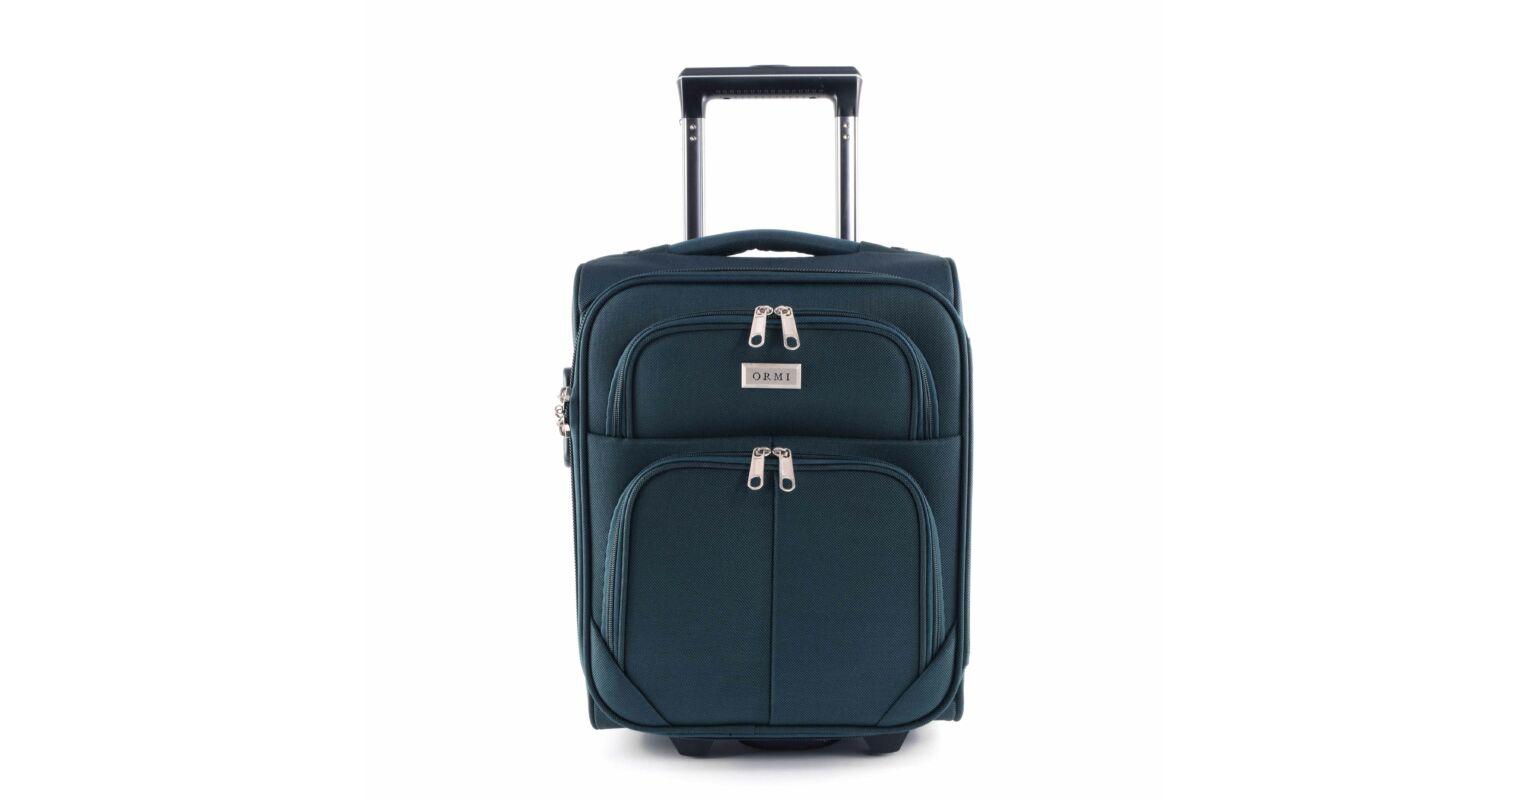 32761da1fa69 40*30*20 Cm Wizzair Méretű Sötétzöld Kabinbőrönd - WIZZAIR (MINI) BŐRÖNDÖK  - Táska webáruház - Minőségi táskák mindenkinek